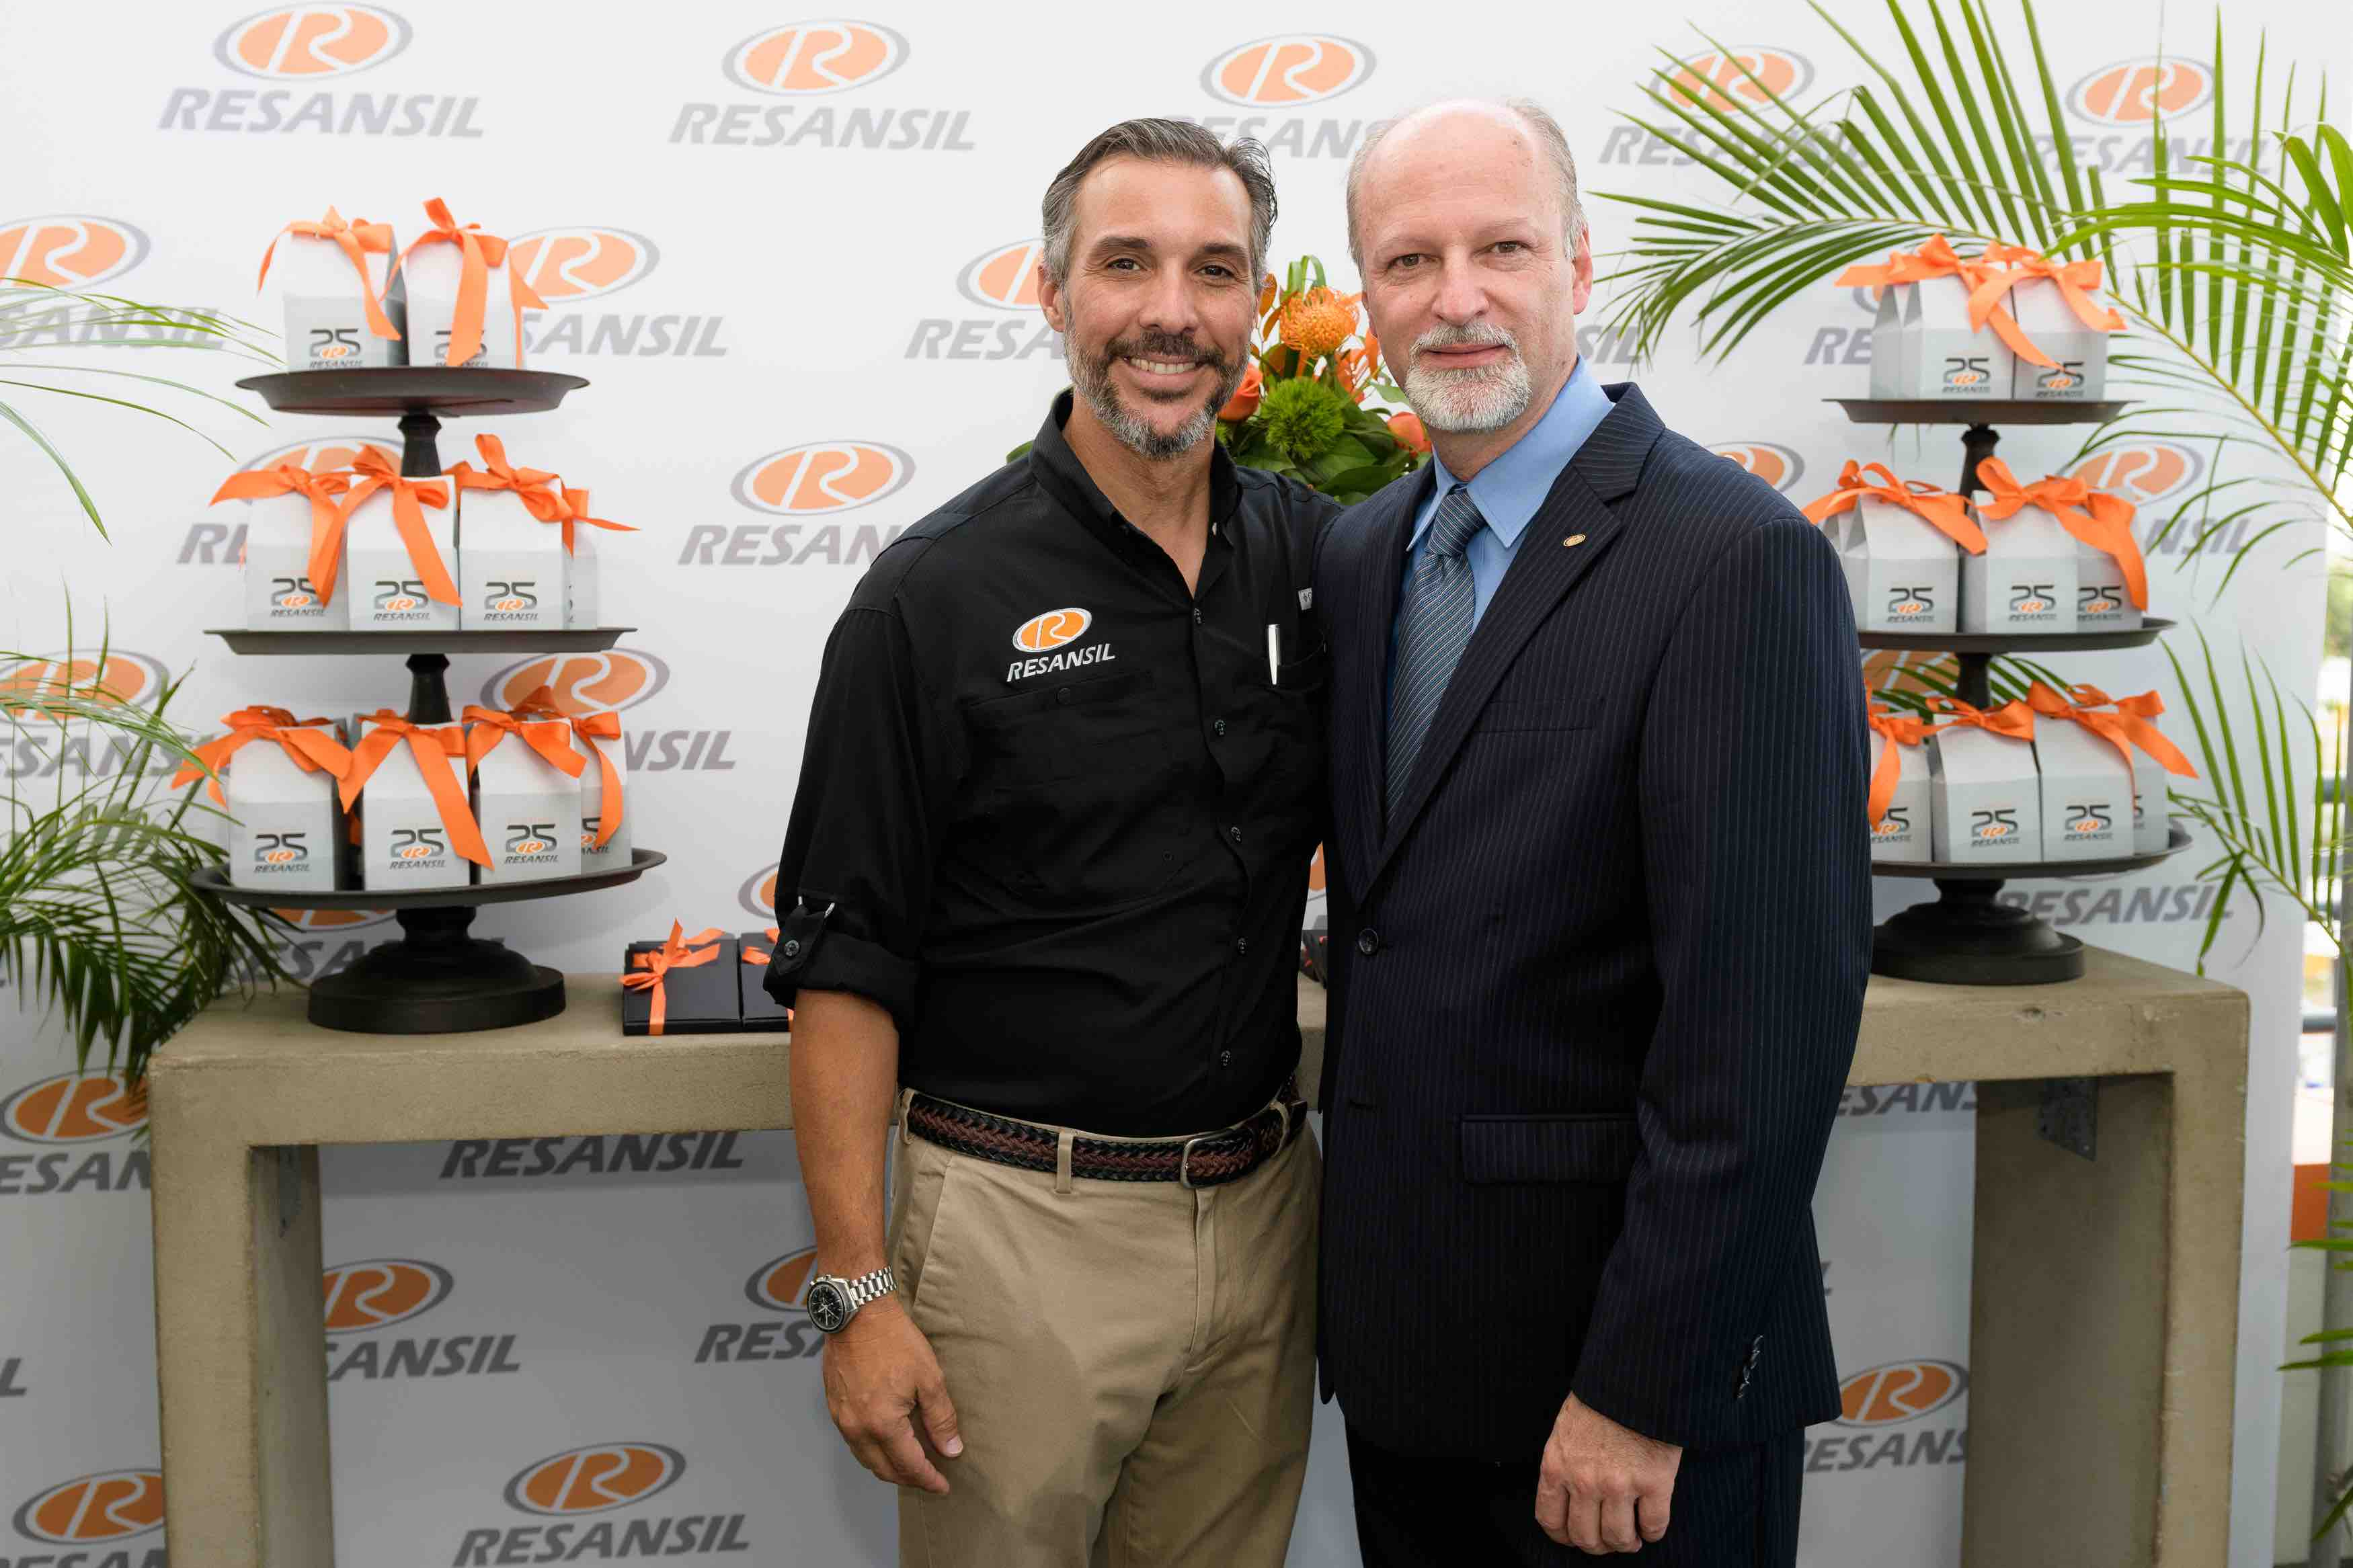 Jorge Abbott & Marco Celi (COO Resansil RD)